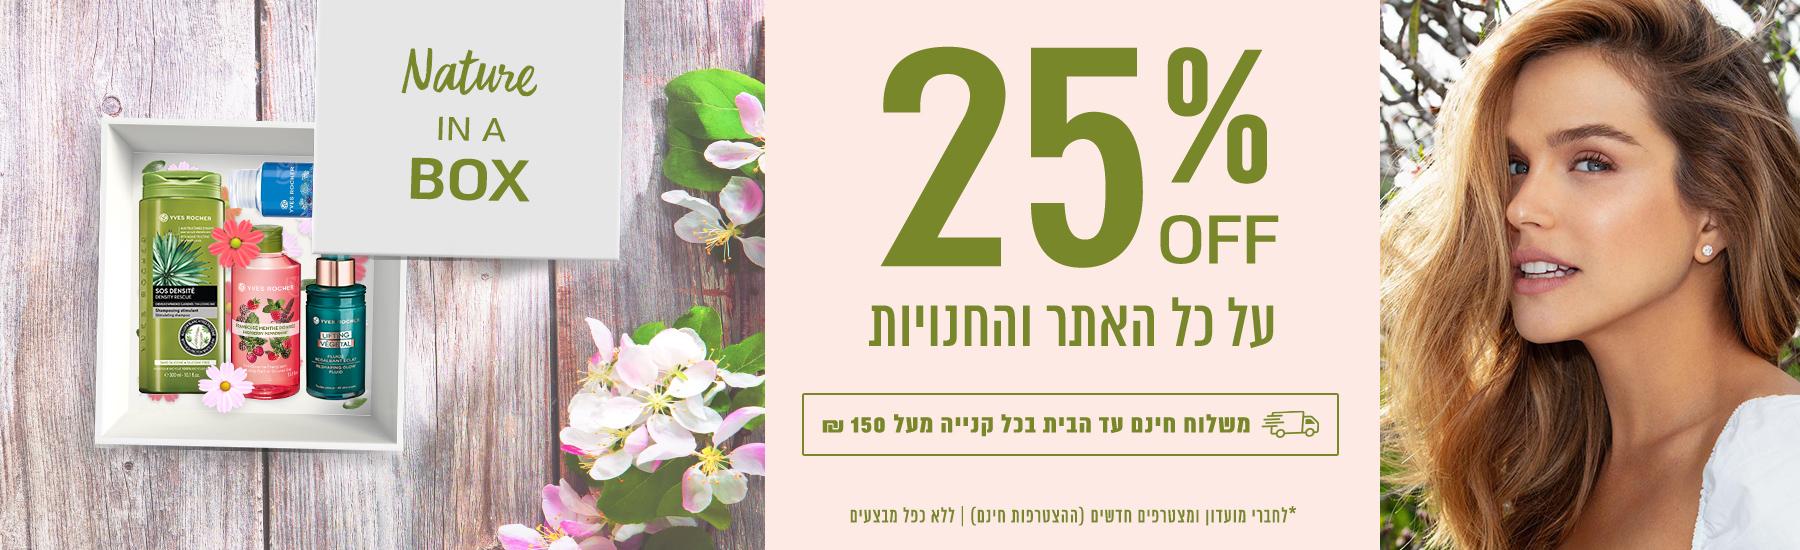 חג שמח! 25% הנחה על כל האתר והחנות!